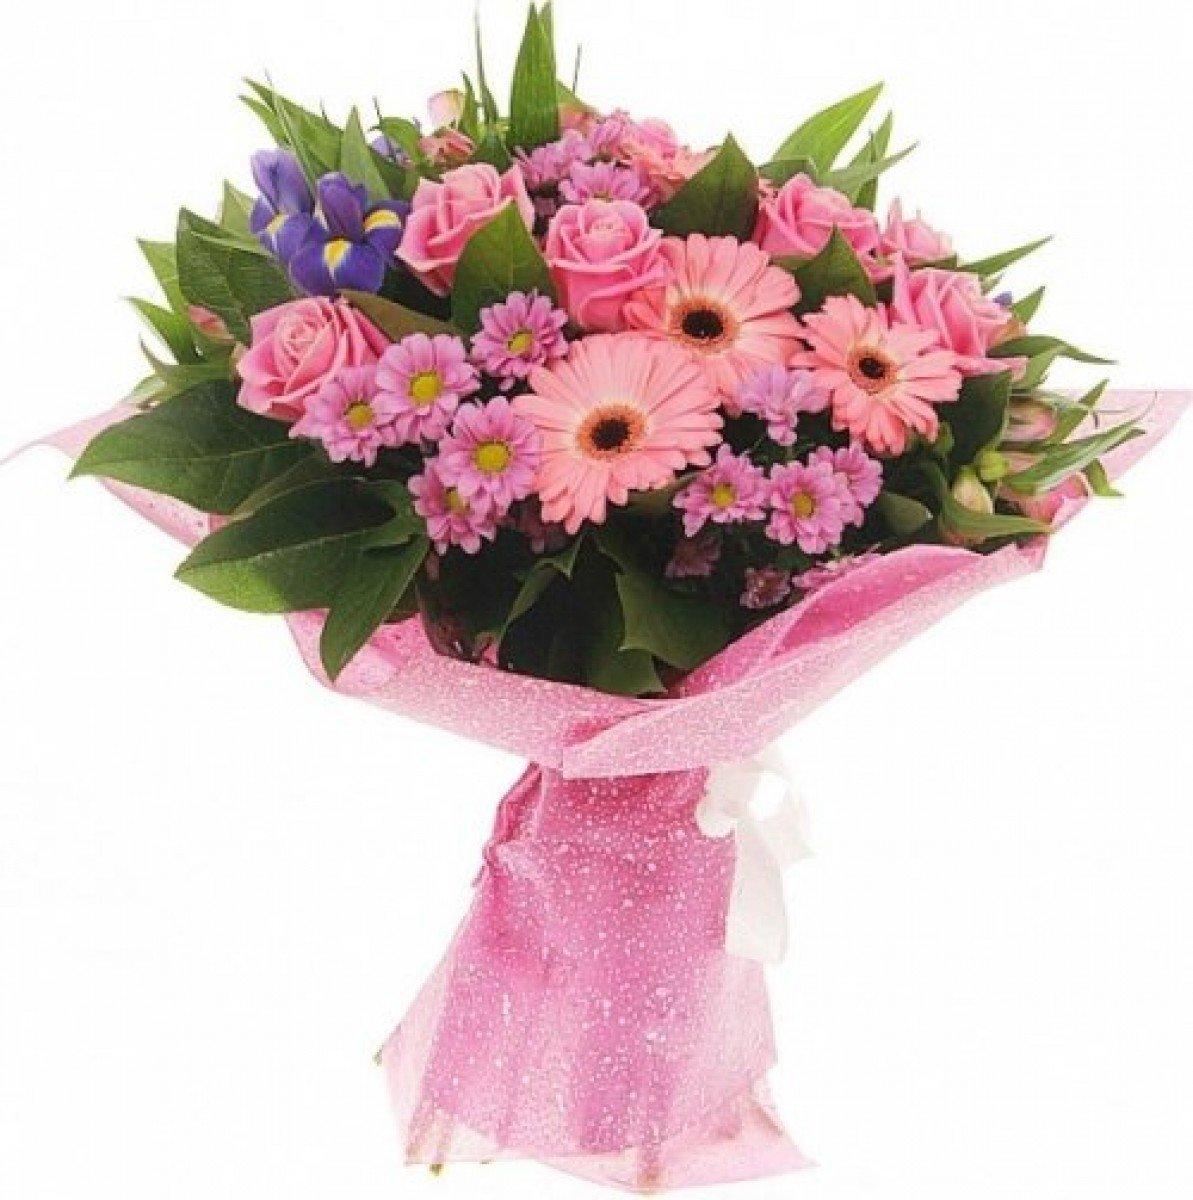 Недорогие букеты с доставкой по ленобласти, цветов